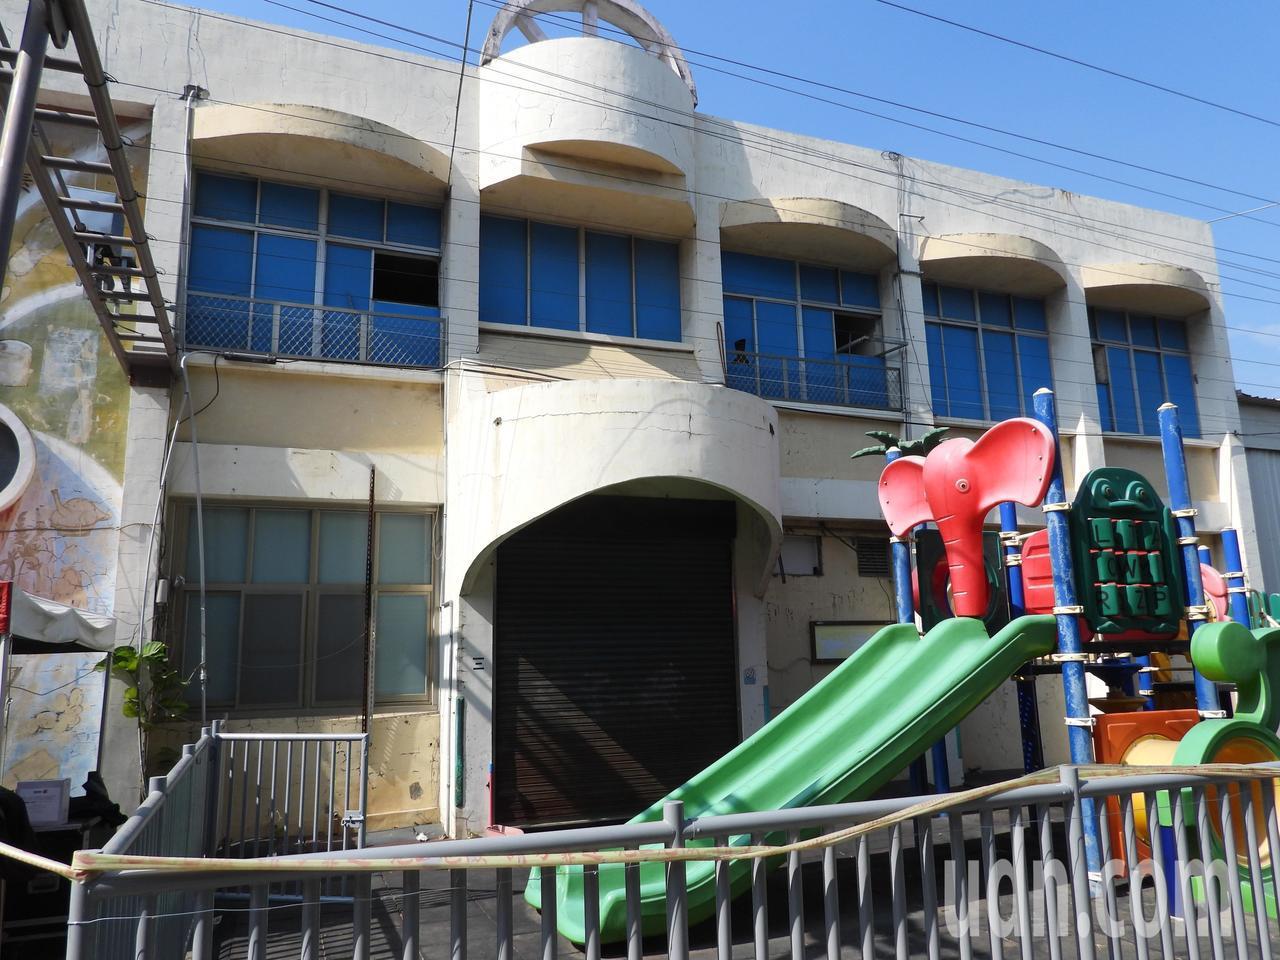 新市國小35年前興建的幼教綜合教室因震災受損成危樓,今動土拆除重建大樓。記者周宗...